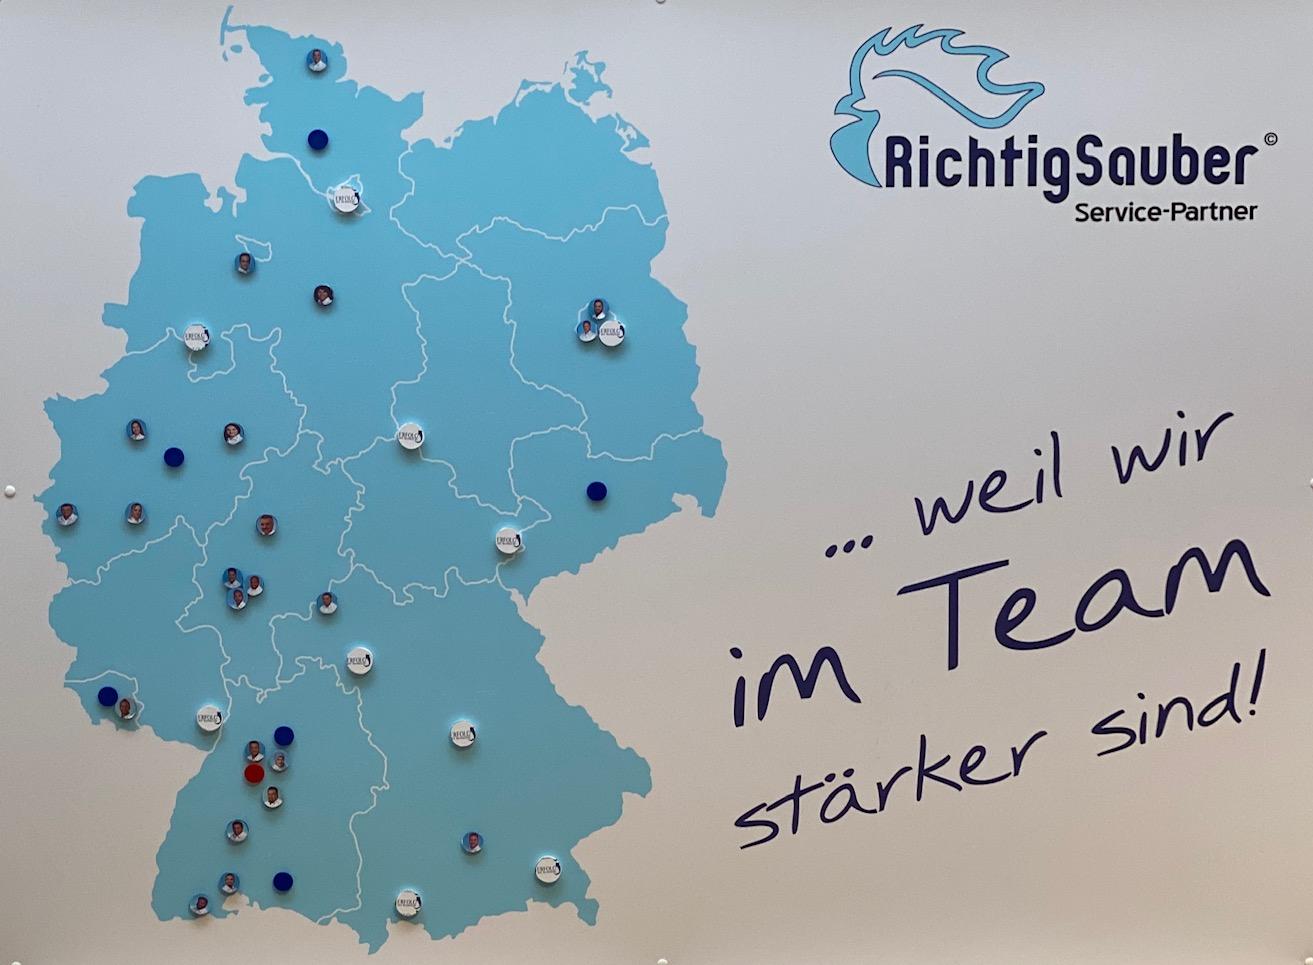 Eine Deutschlandkarte zeigt alle Richtig Sauber Standorte und EMR Teilnehmer.